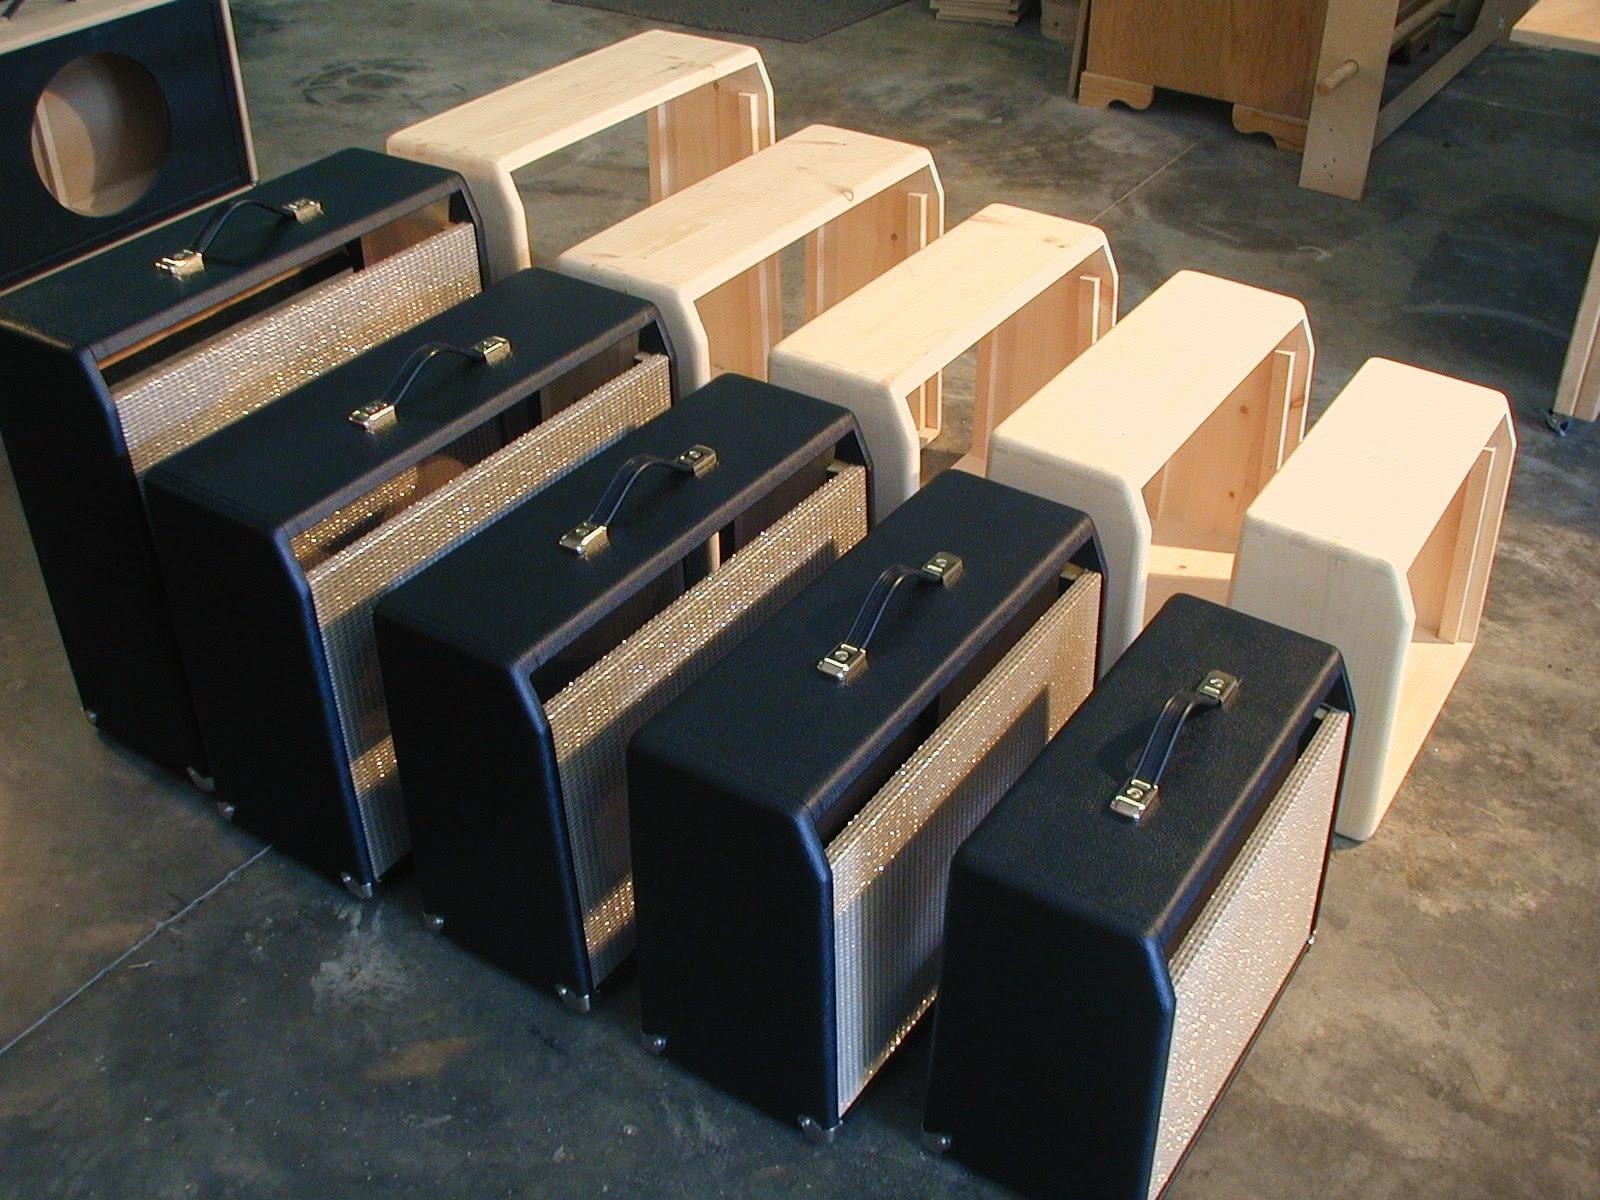 de bamboo here guitar cabinet plans. Black Bedroom Furniture Sets. Home Design Ideas